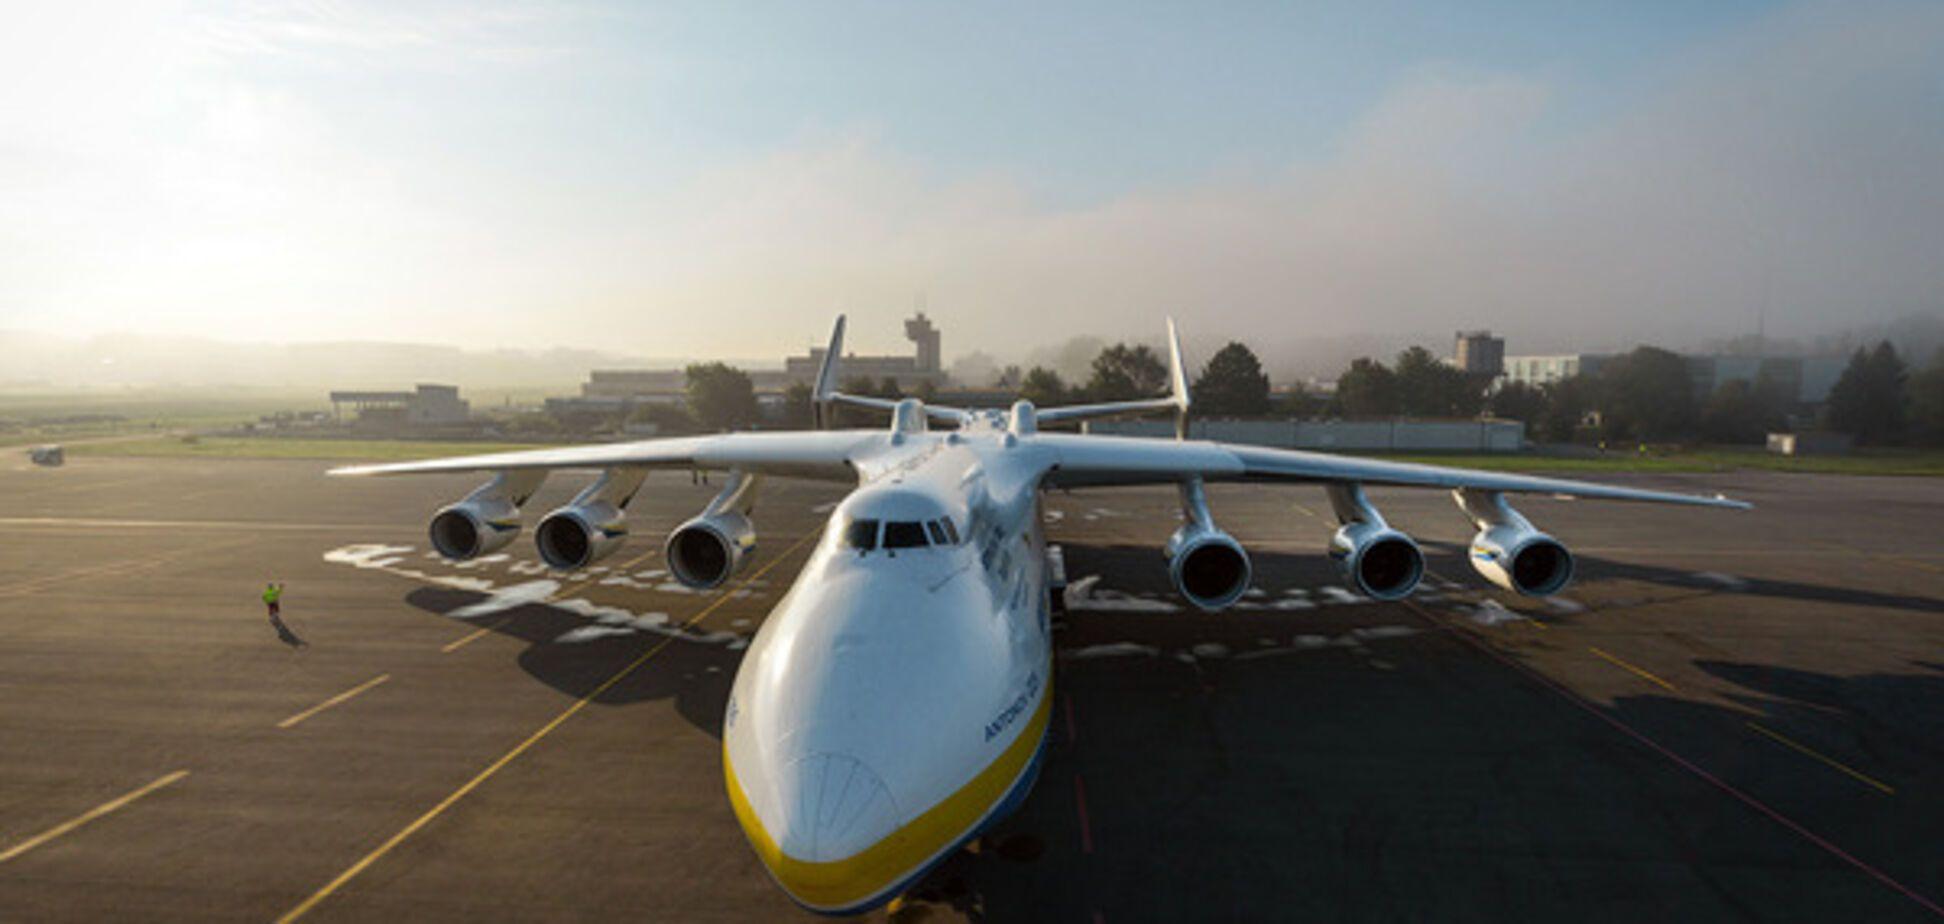 109 рекордов 'Мрии': самые яркие фото и видео с украинским самолетом